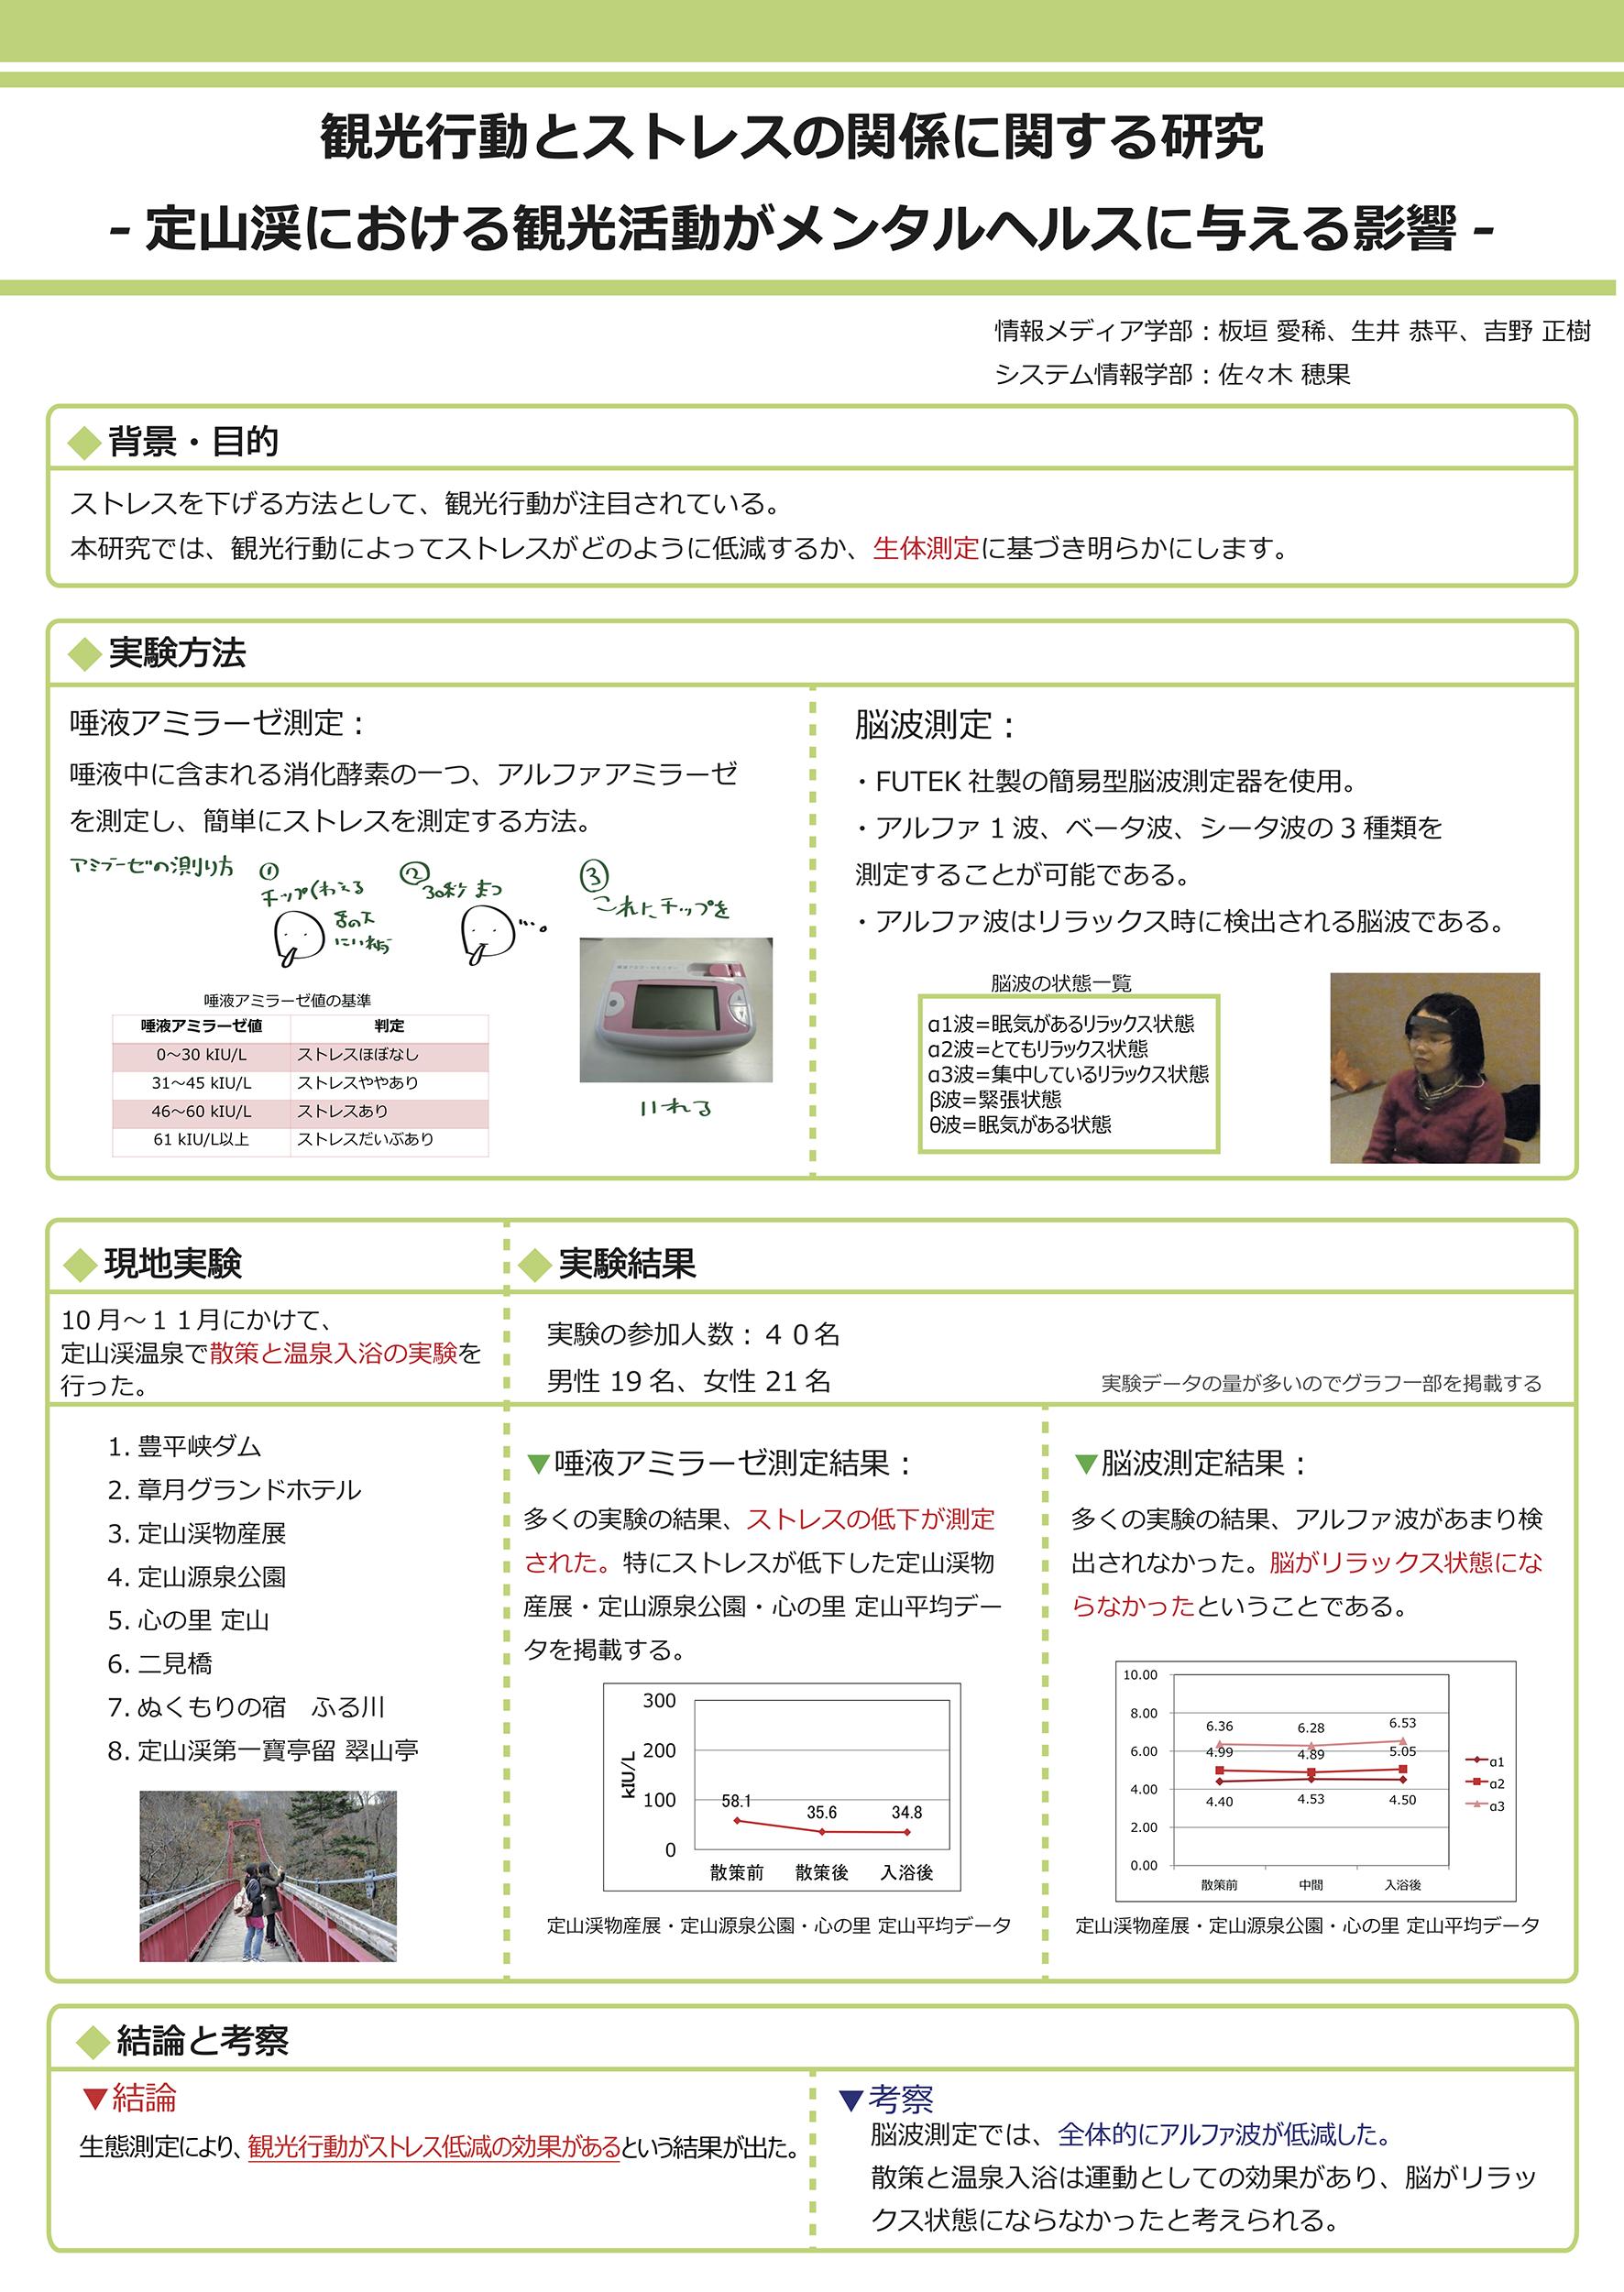 MHTP_Poster2